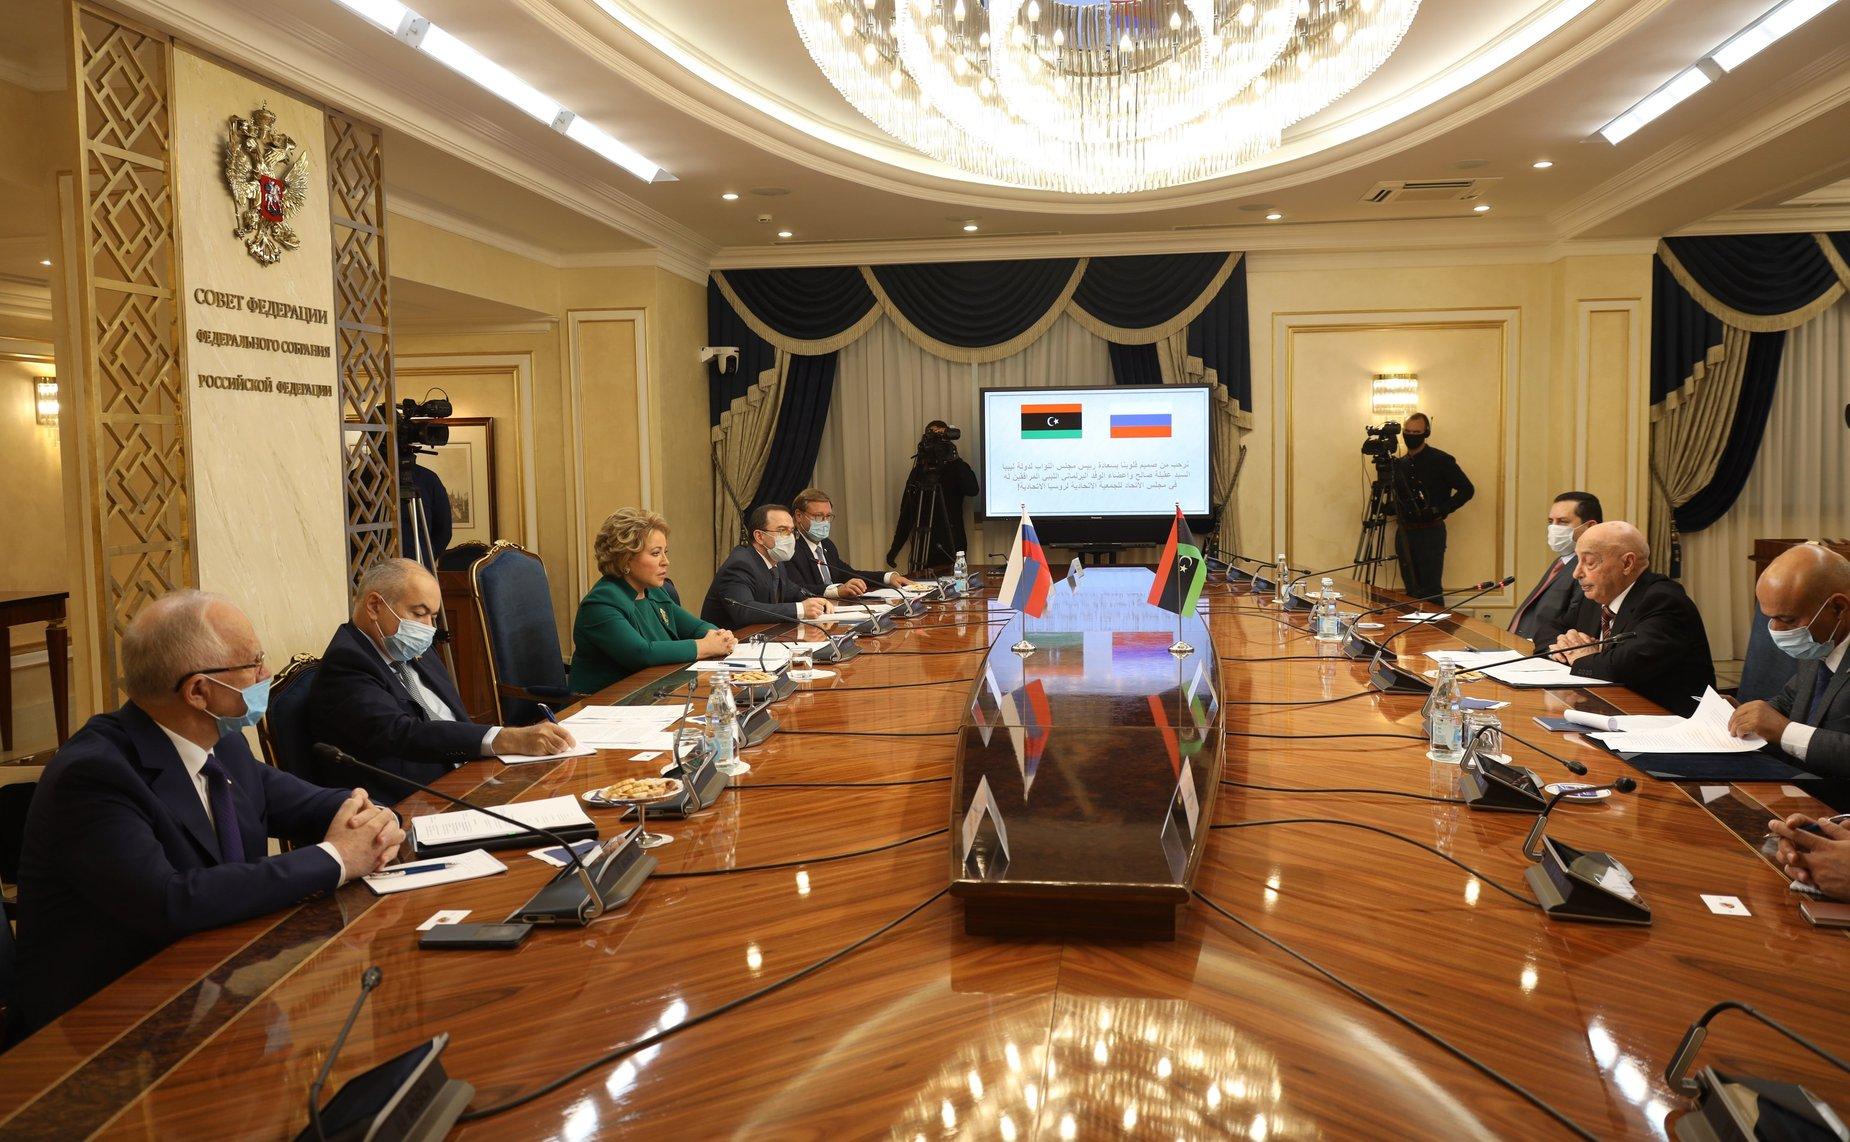 Глава Палаты представителей Ливии объяснил Валентине Матвиенко, почему власть ПНС незаконна